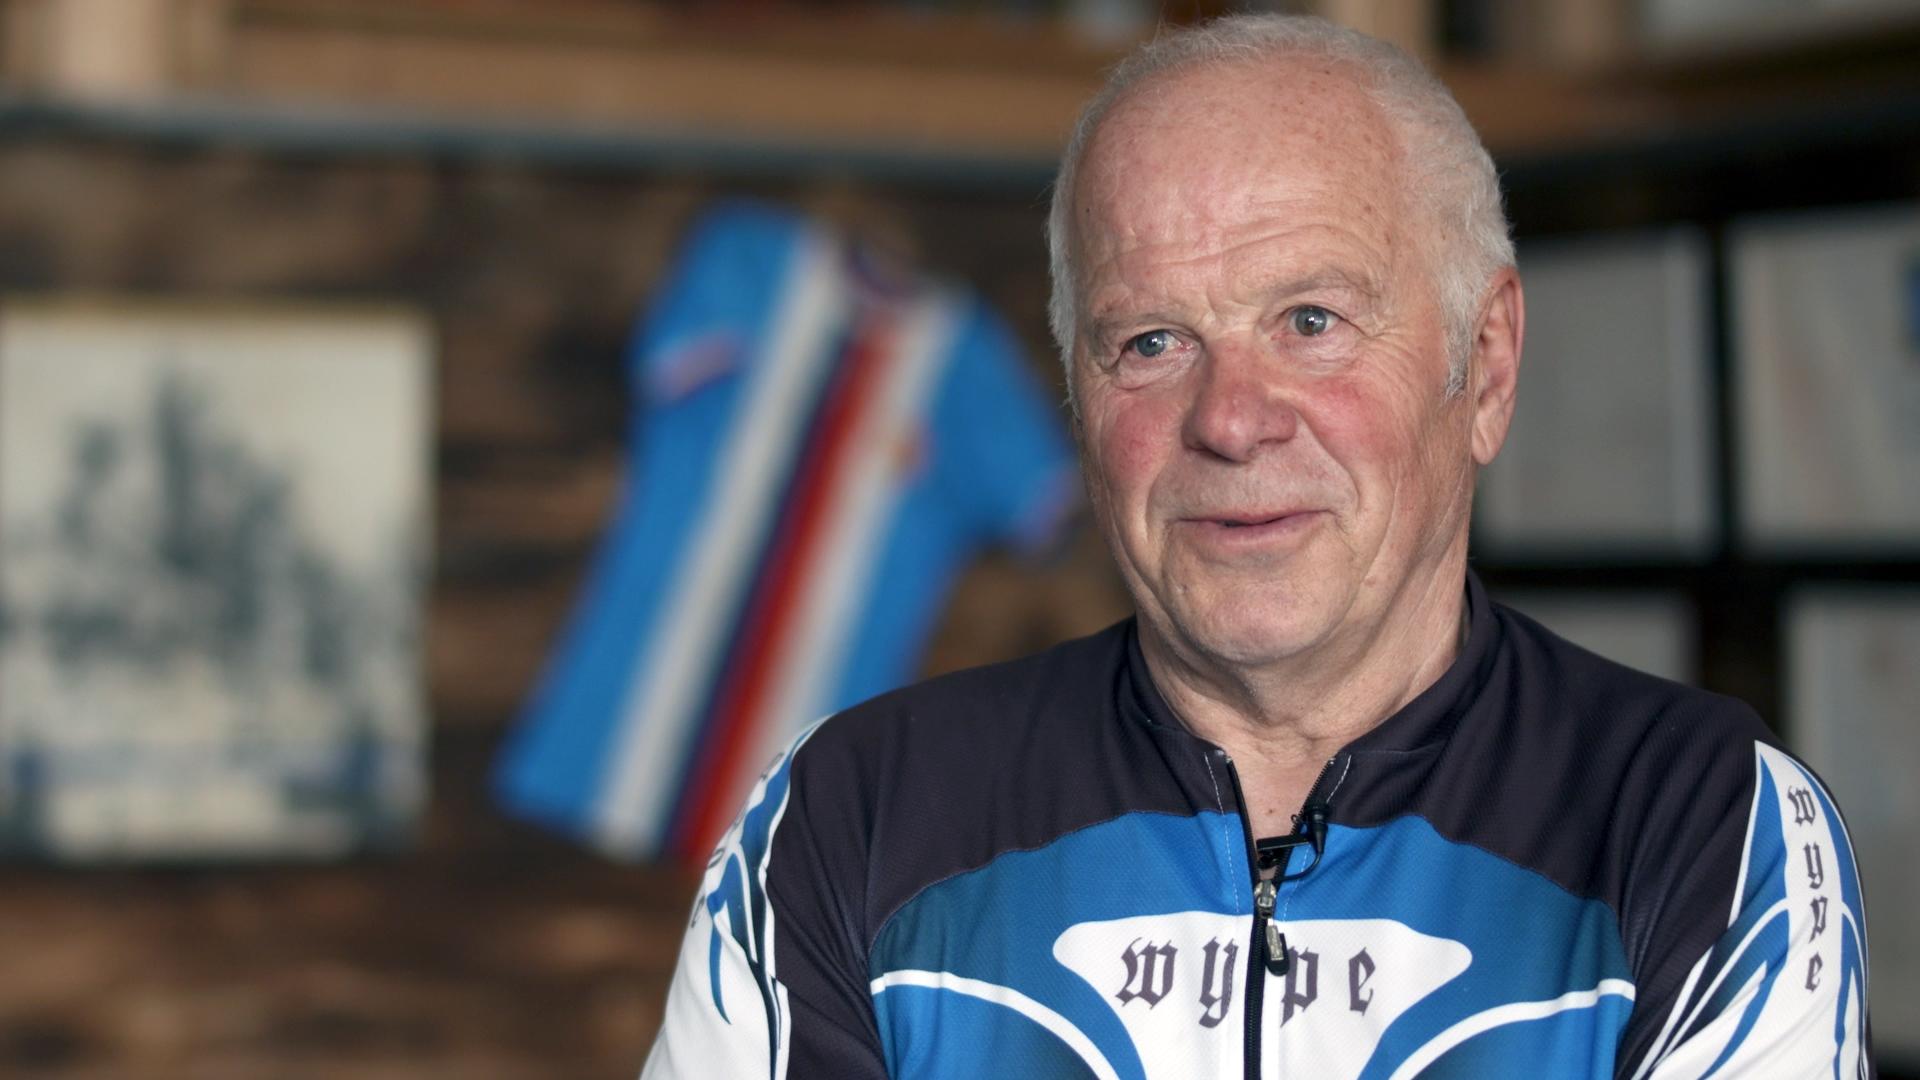 Antonín Bartoníček pořád pravidelně jezdí na kole a udržuje se tak v kondici. Foto: welovecycling.cz